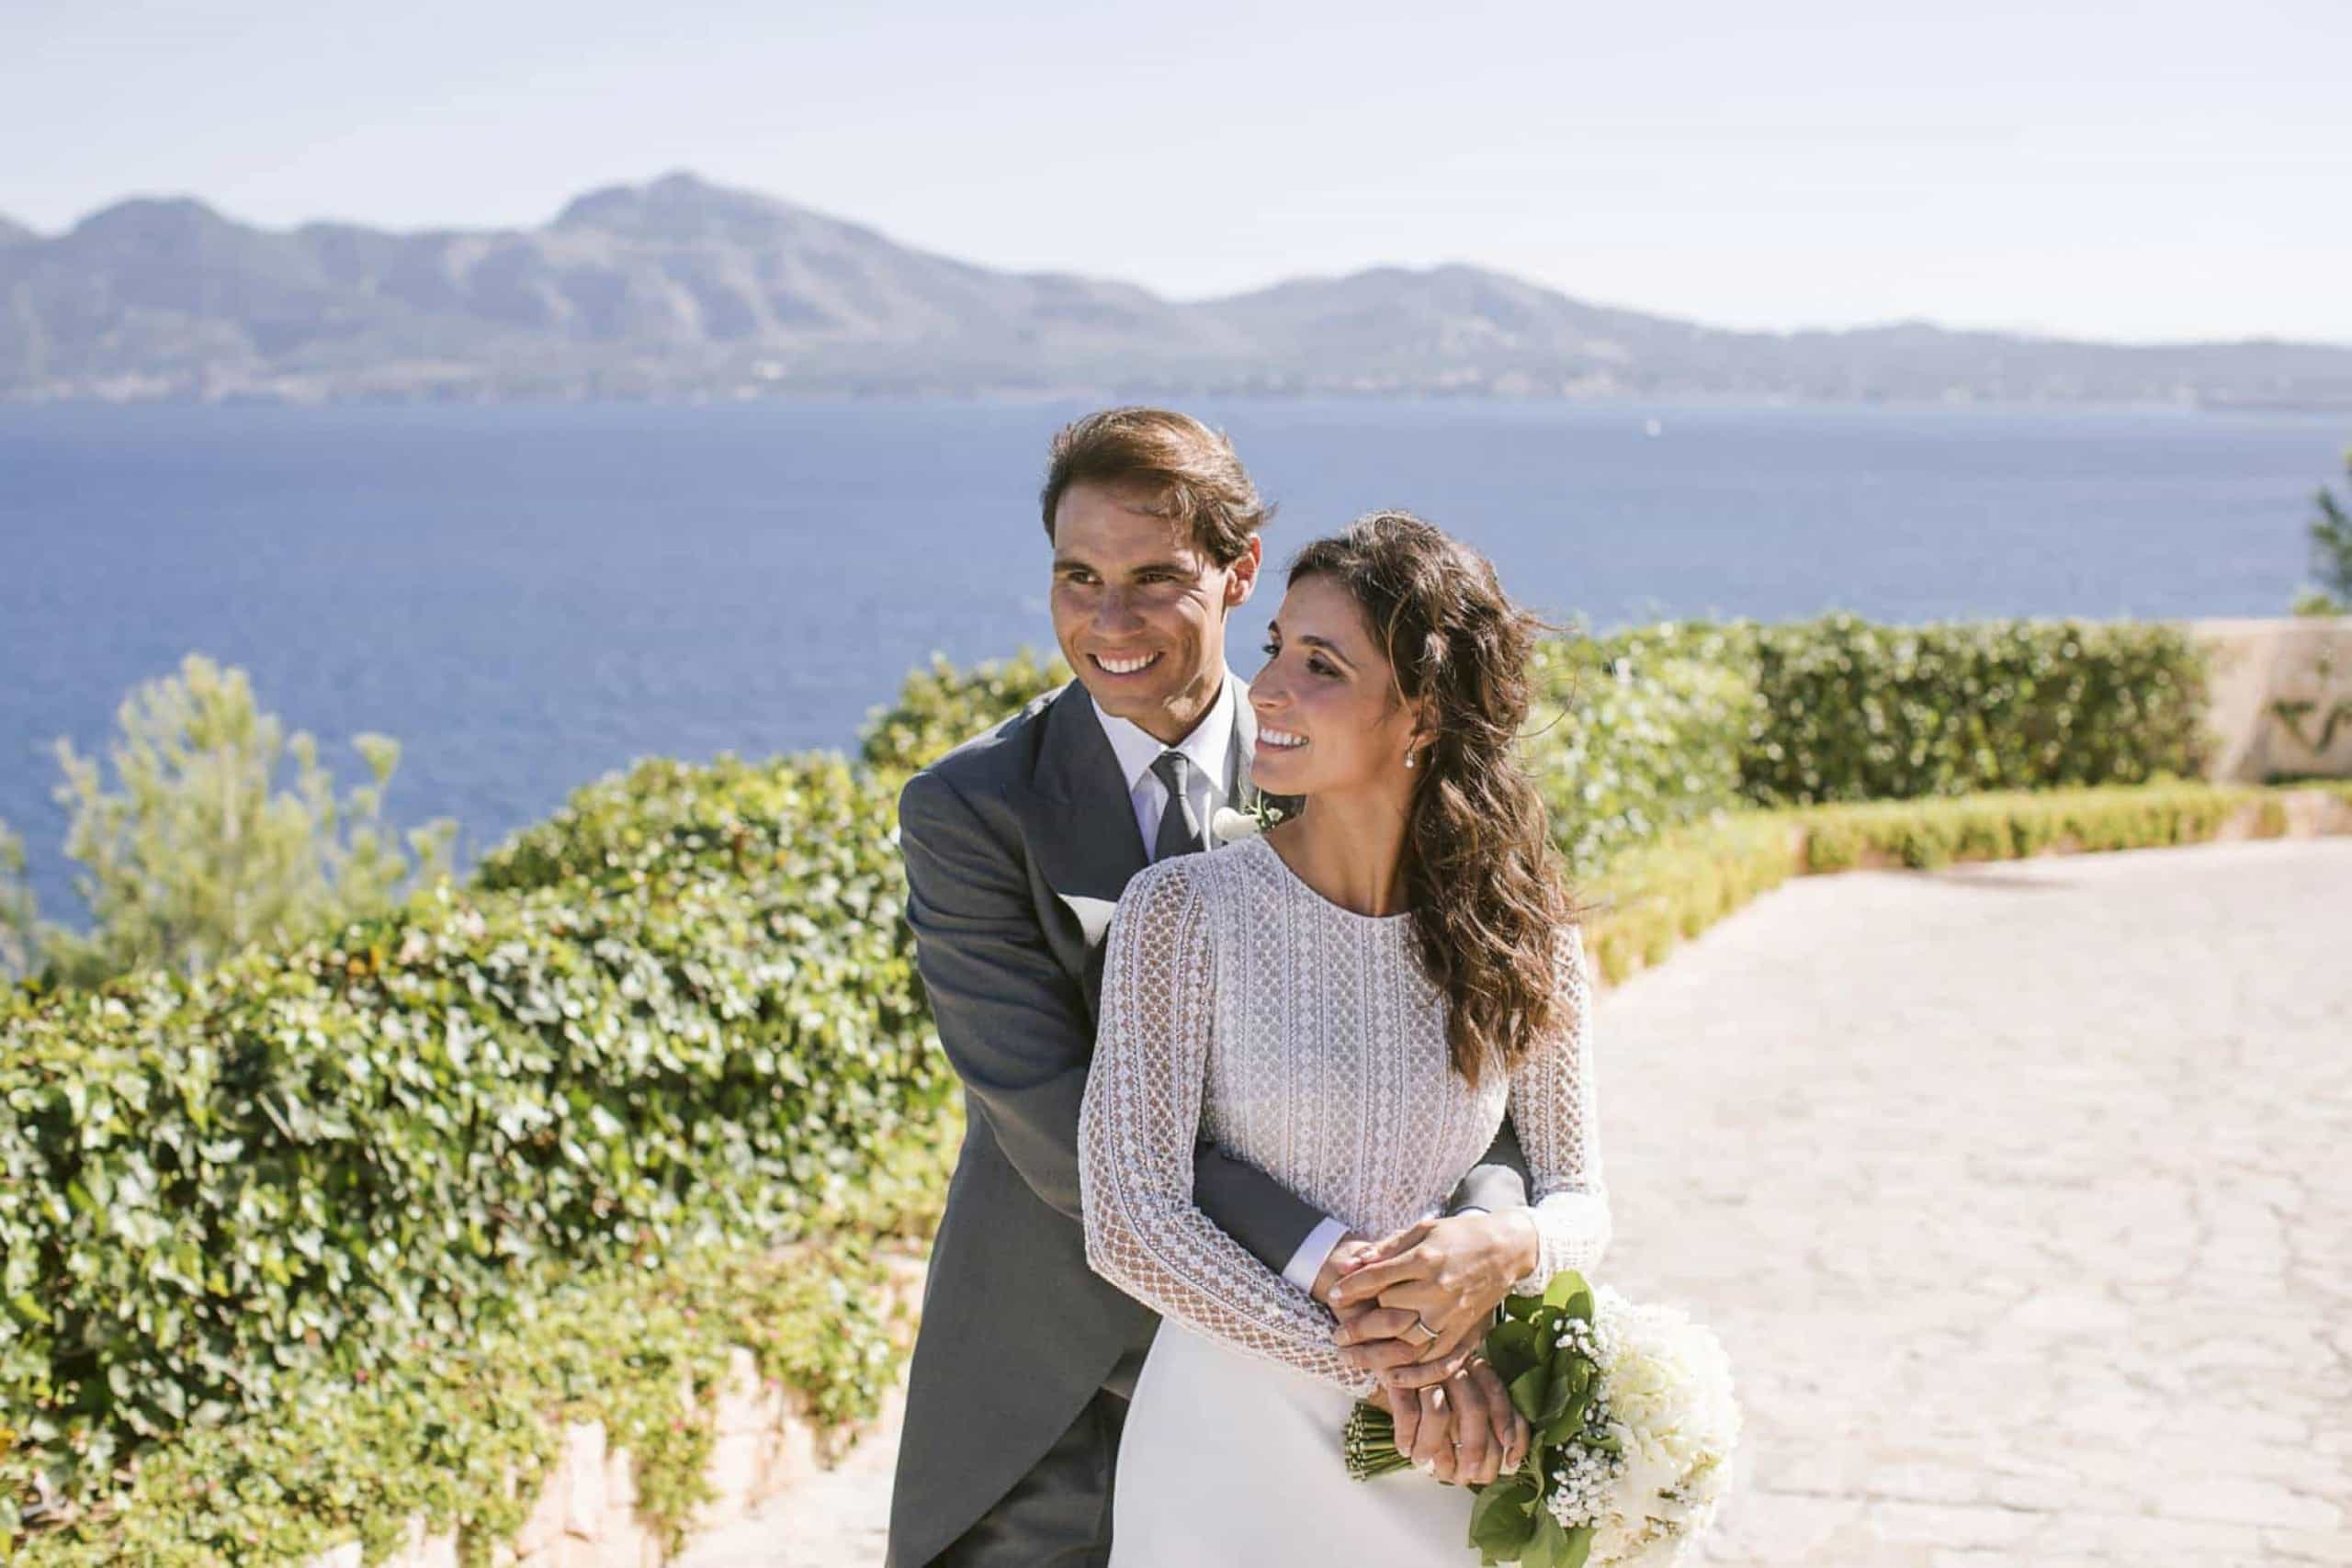 Rafael Nadal casou-se. As fotos dos noivos e as exigências no grande dia